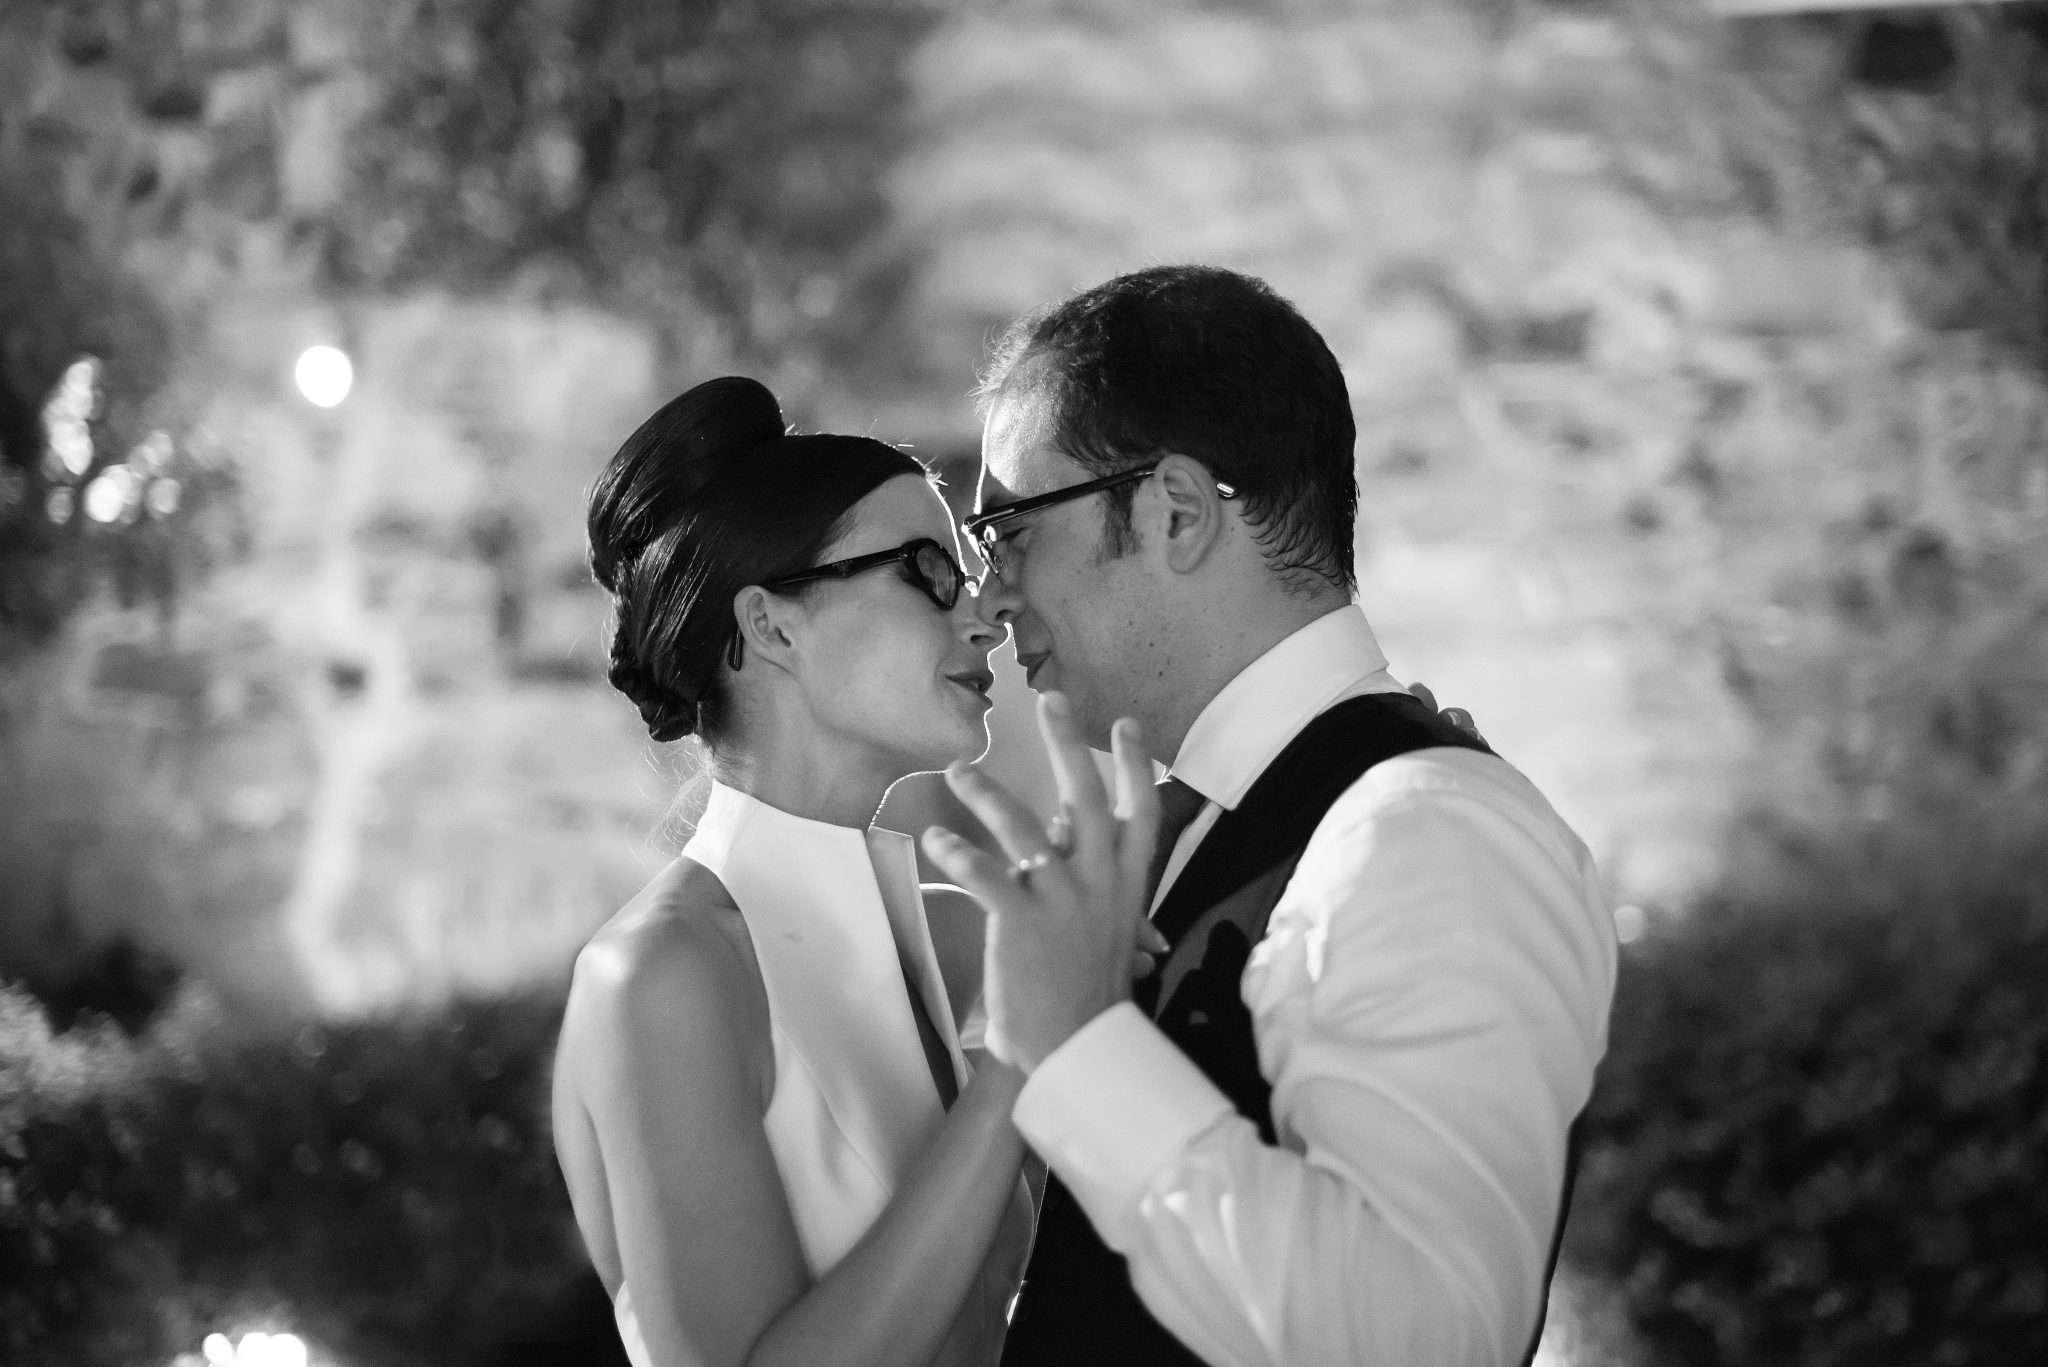 Fotografia in bianco e nero di sposi che danzano realizzata da Barbara Trincone fotografa con studio a Pozzuoli Napoli, specializzata in wedding reportage